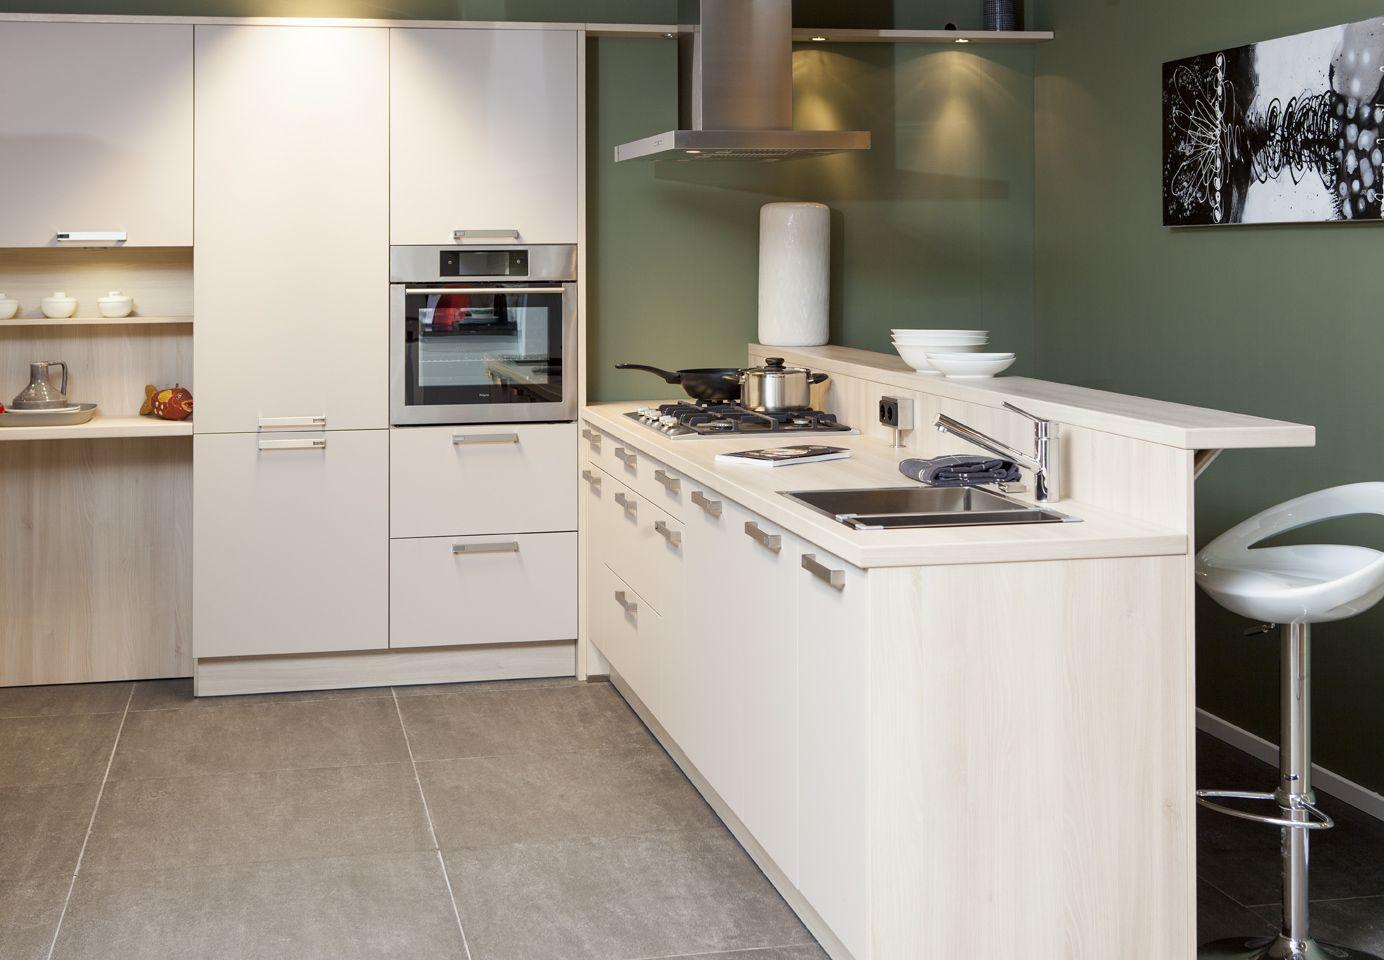 Keuken Zonder Inbouwapparatuur : Wat kost een keuken zonder apparatuur u2013 informatie over de keuken